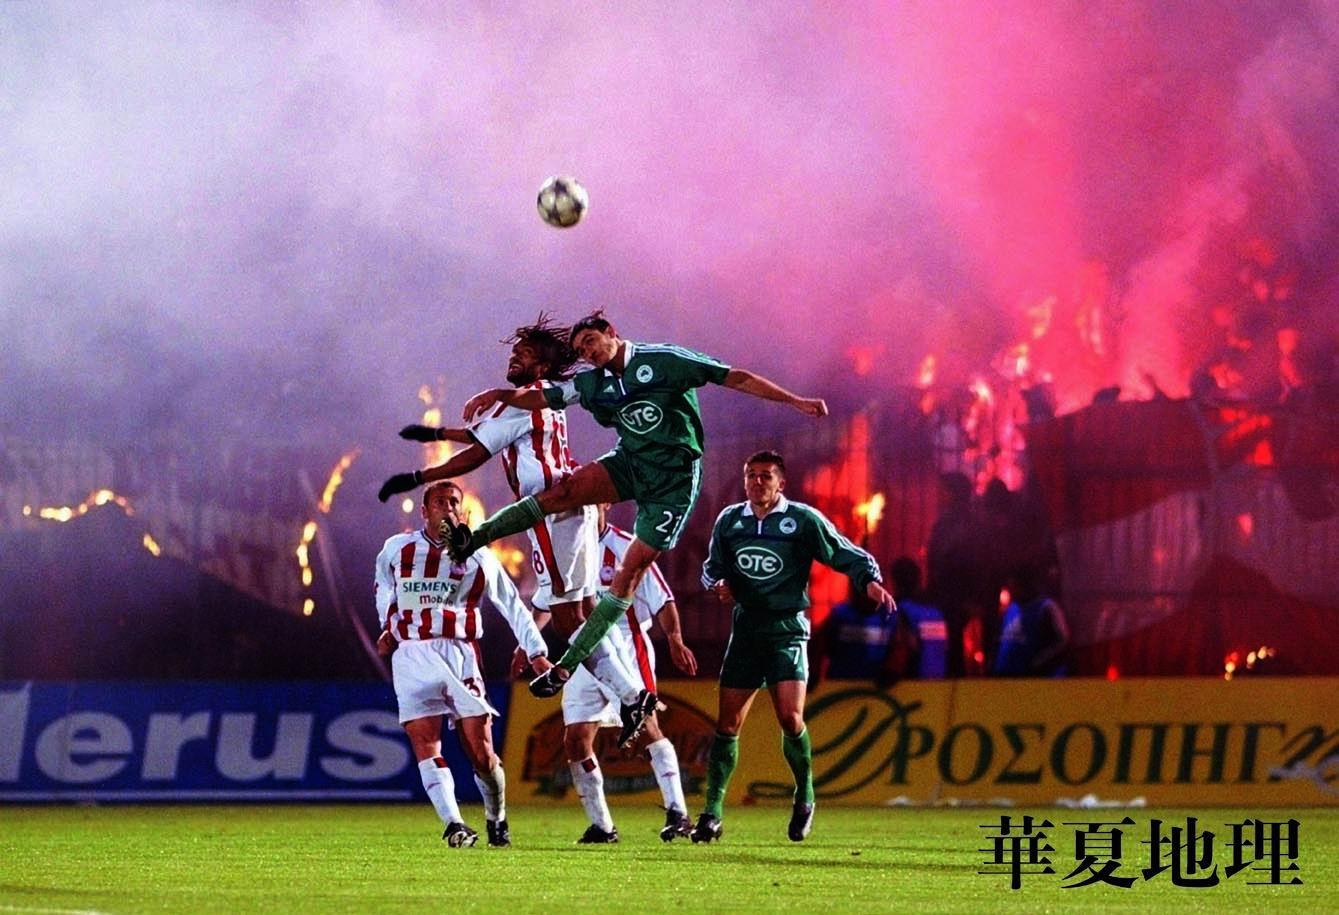 《华夏地理》2006年6月——足球何以统治世界… - 华夏地理 - 华夏地理的博客